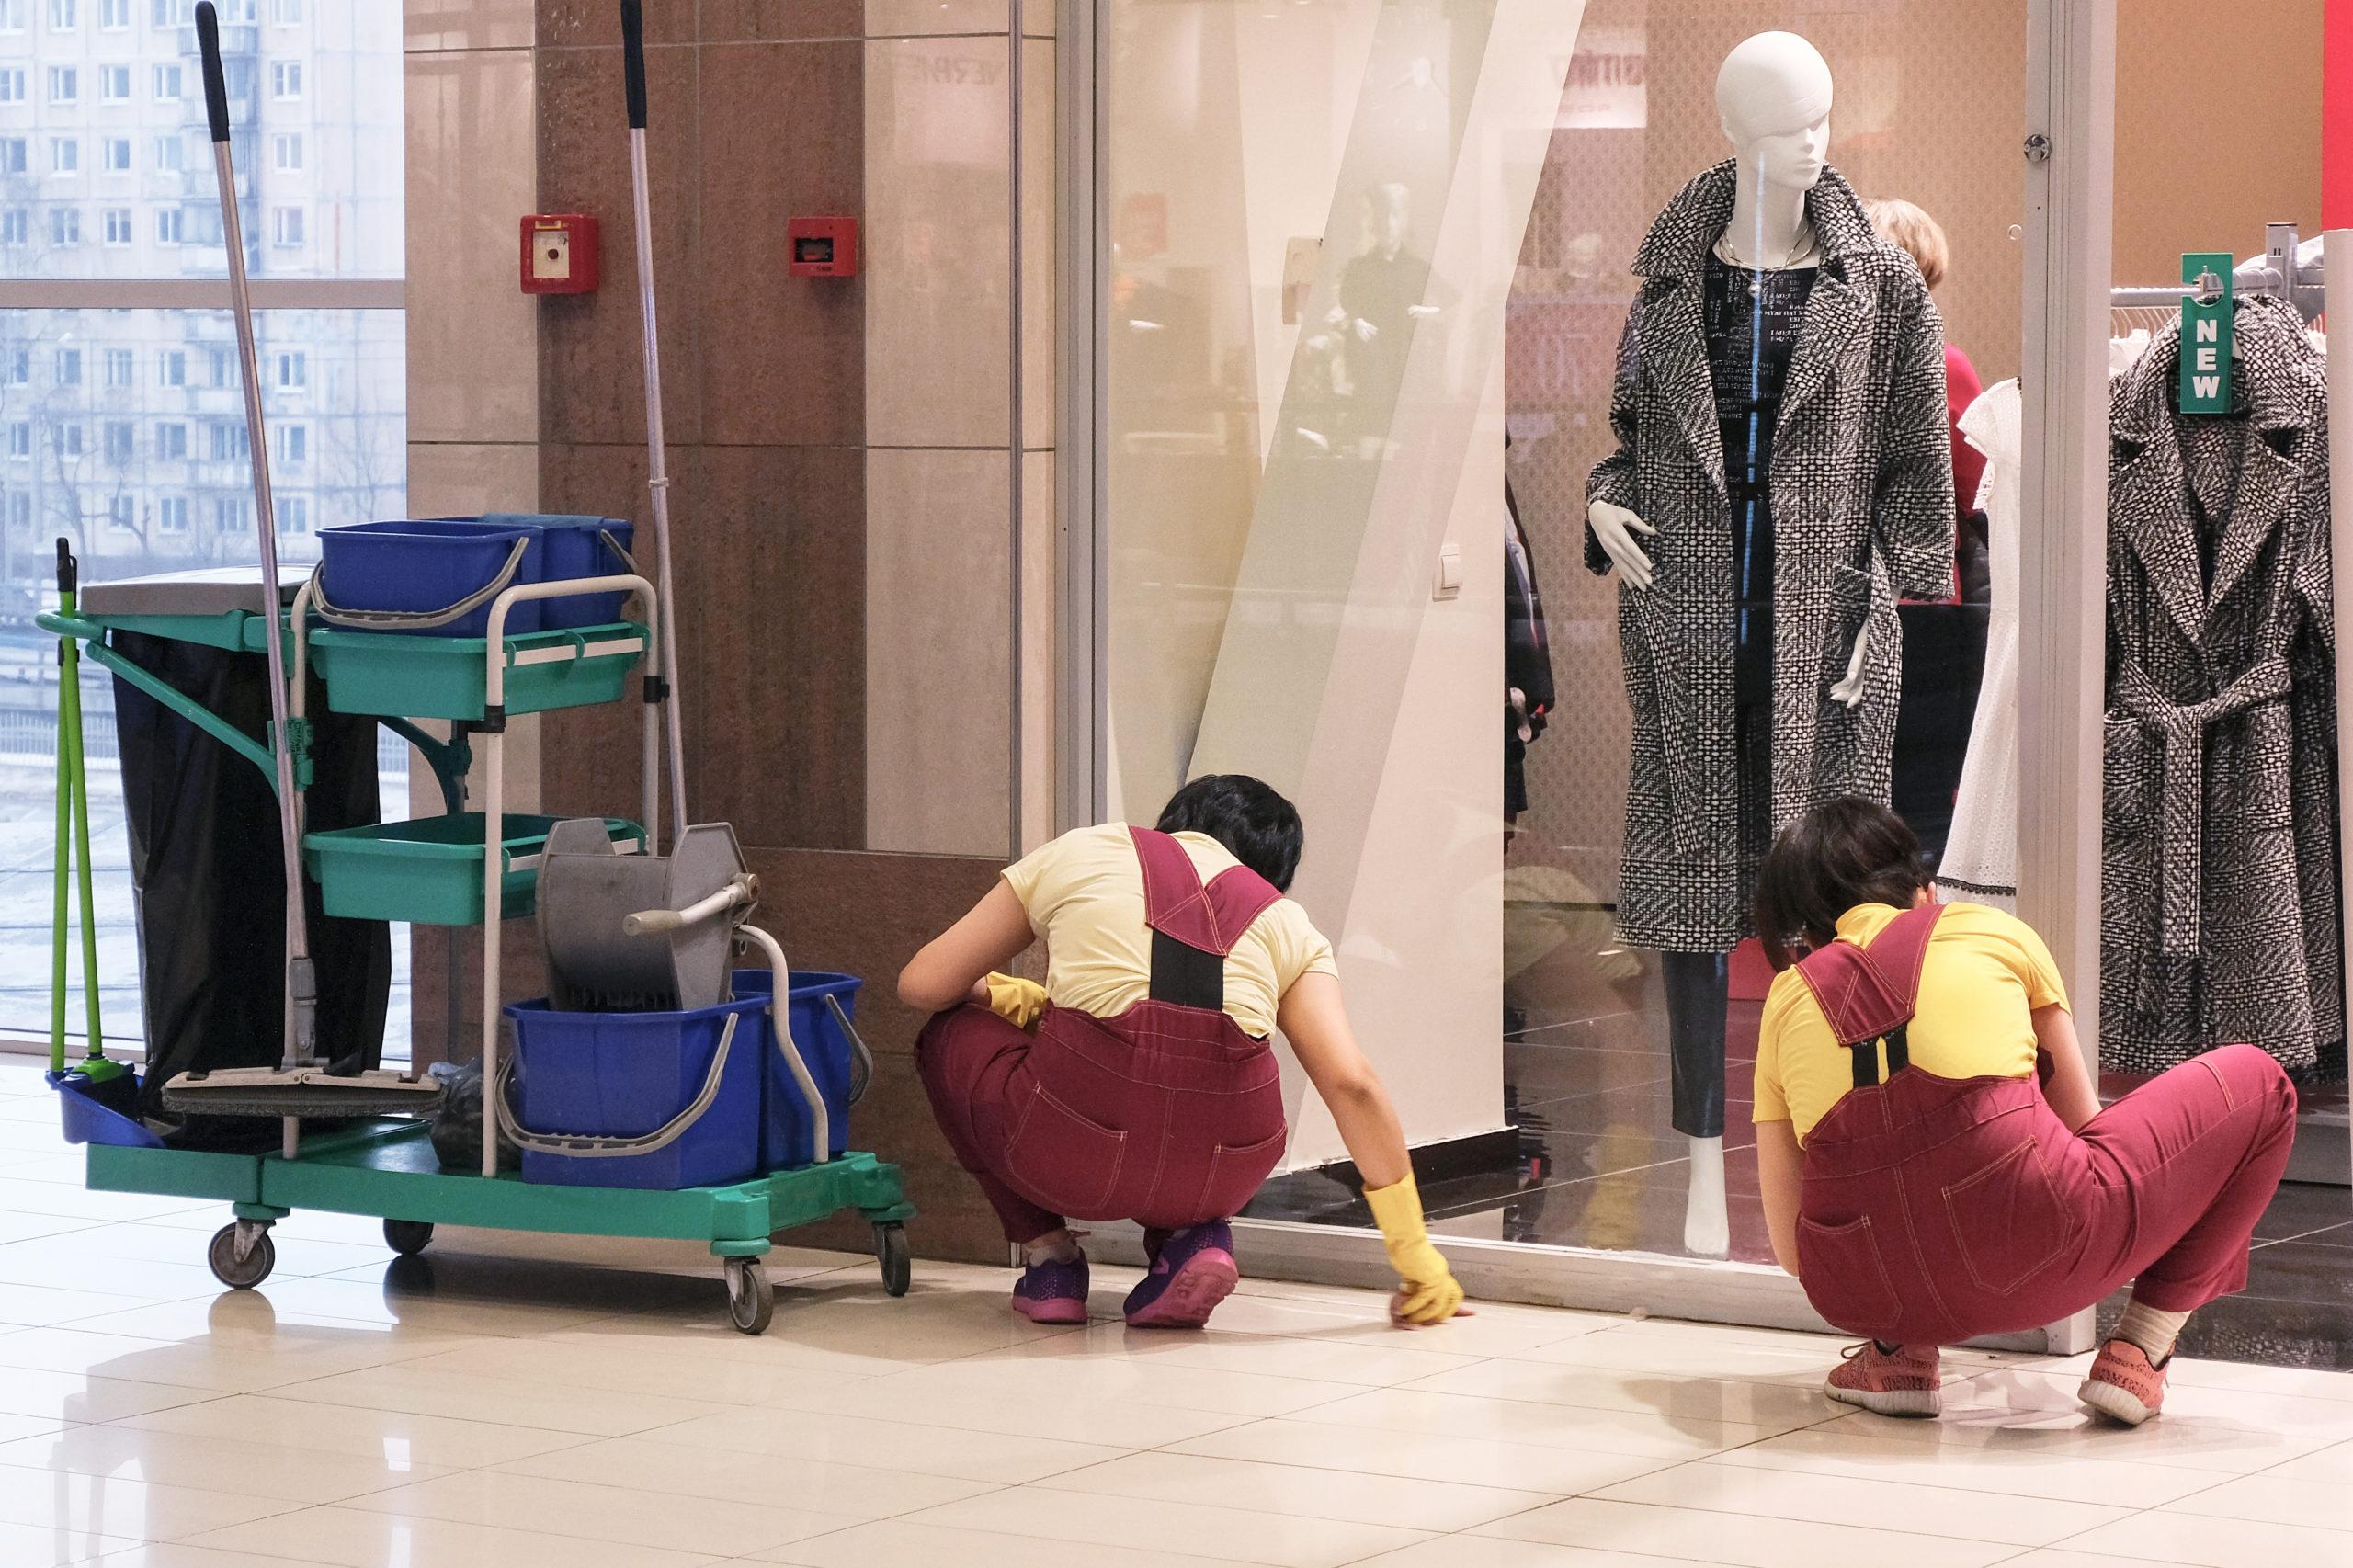 Nettoyage de magasins Liège